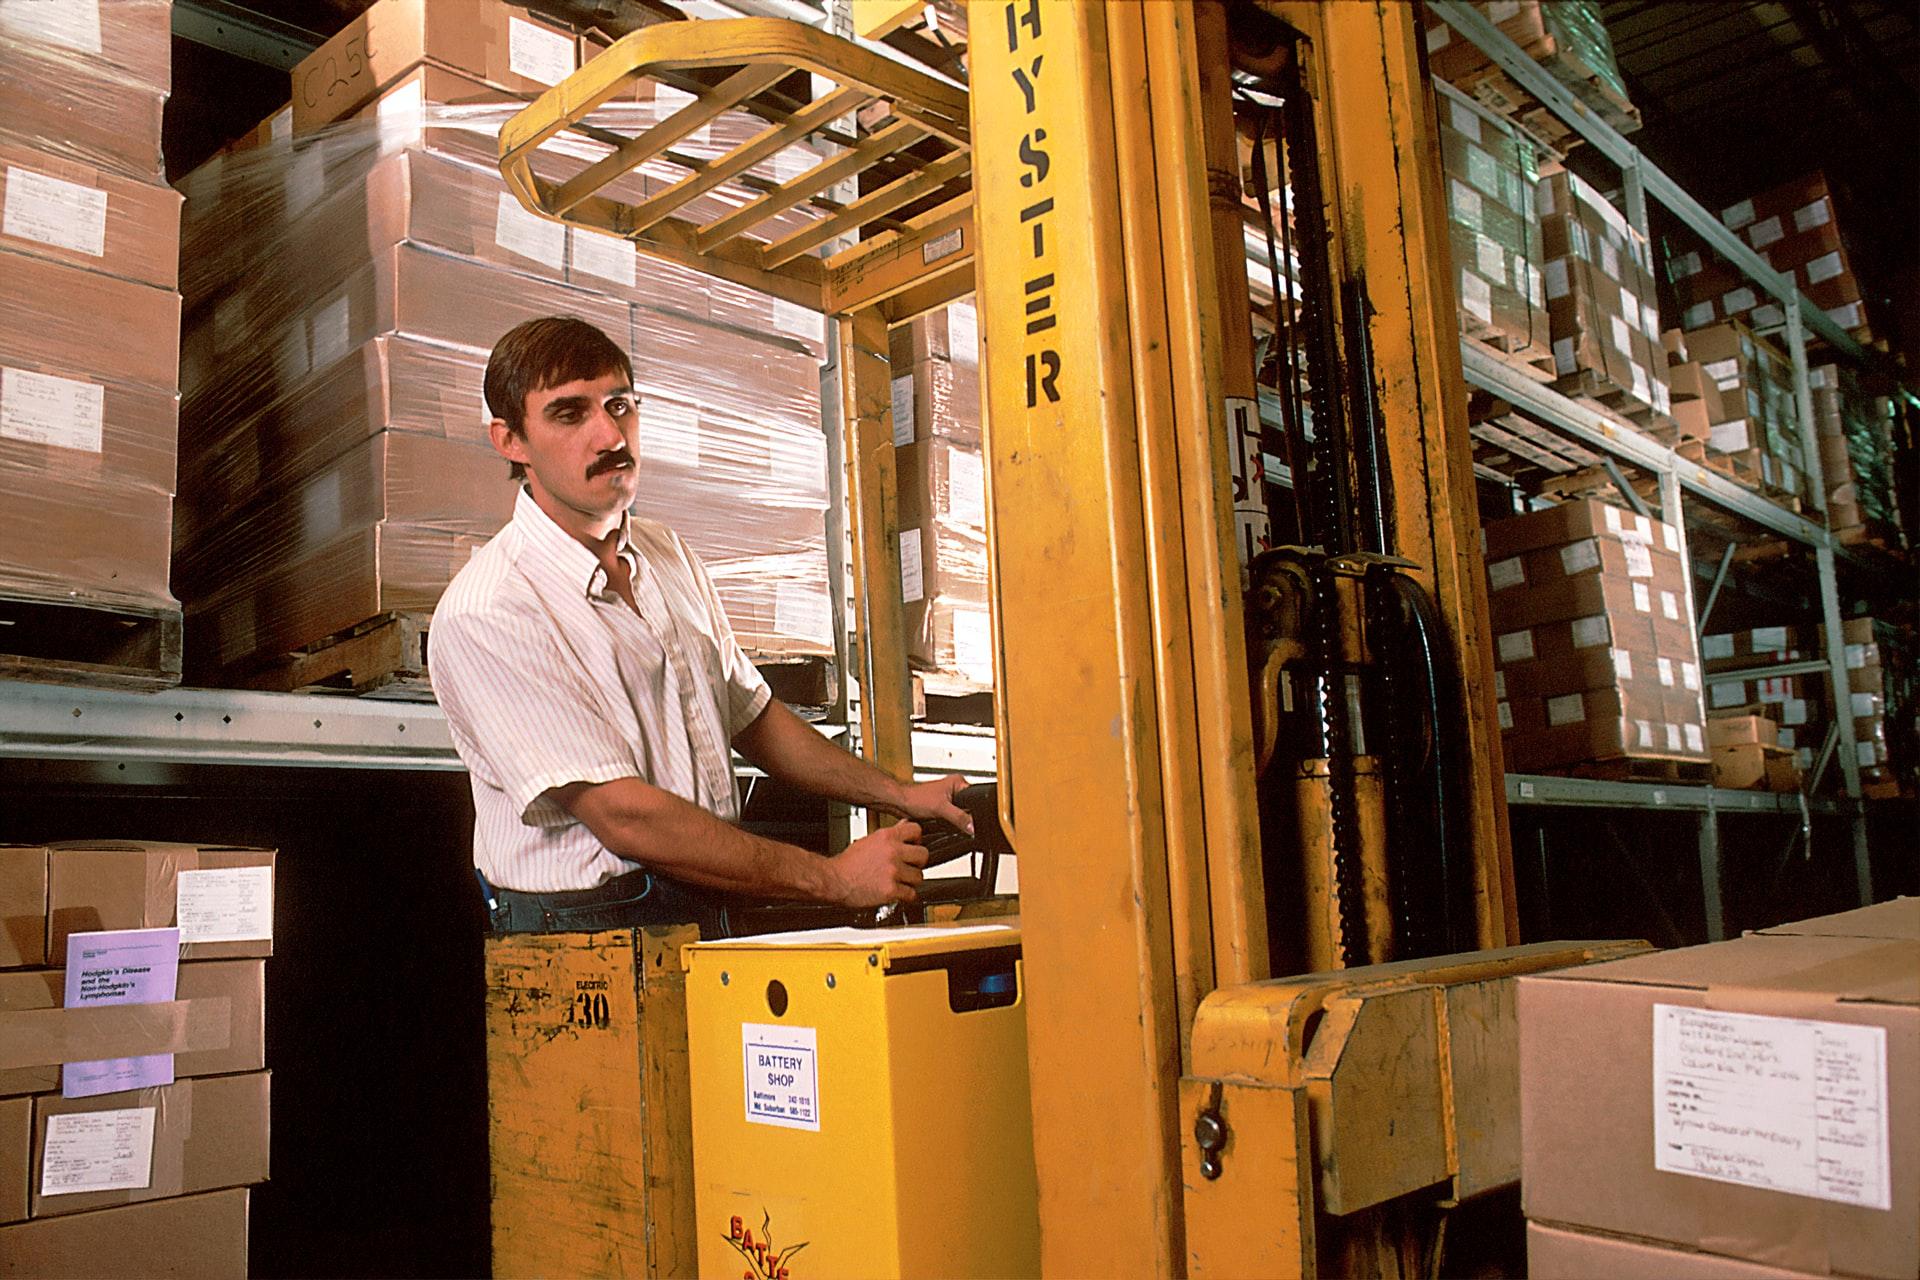 homme dans un entrepôt filmage palettes